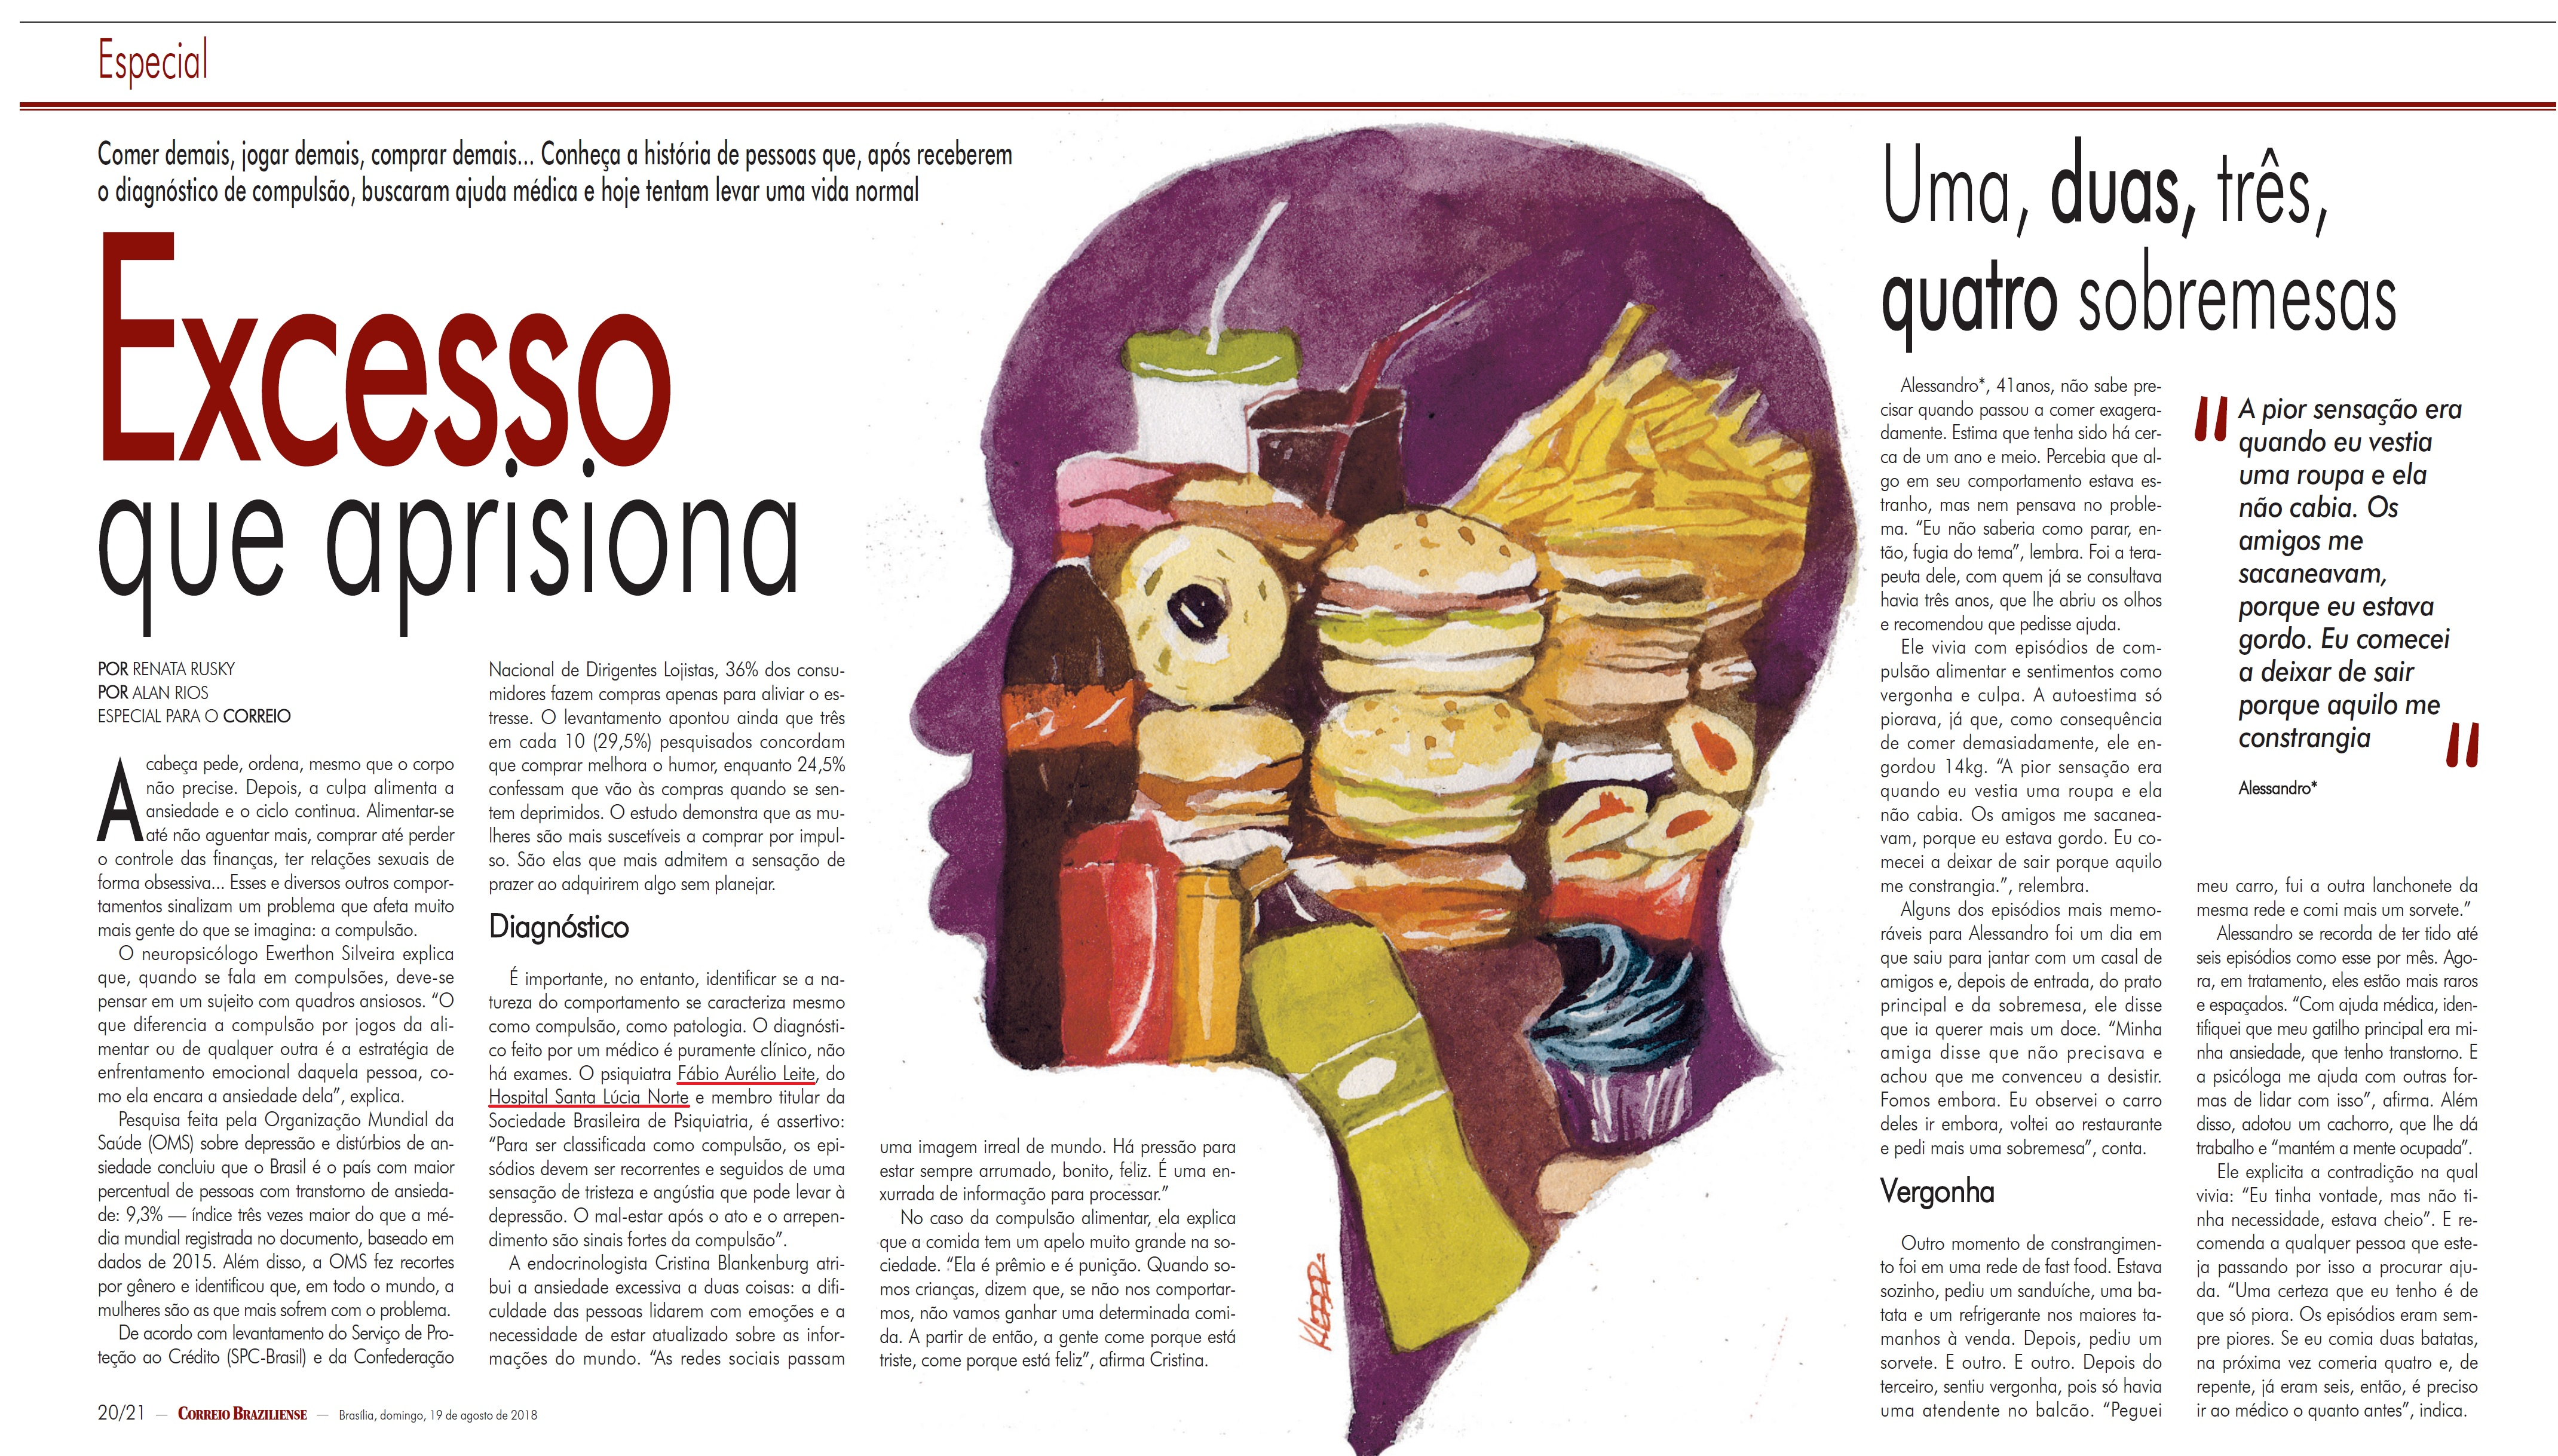 Revista do Correio - Dr. Fábio Aurélio Leite HSLN - 19-08-2018